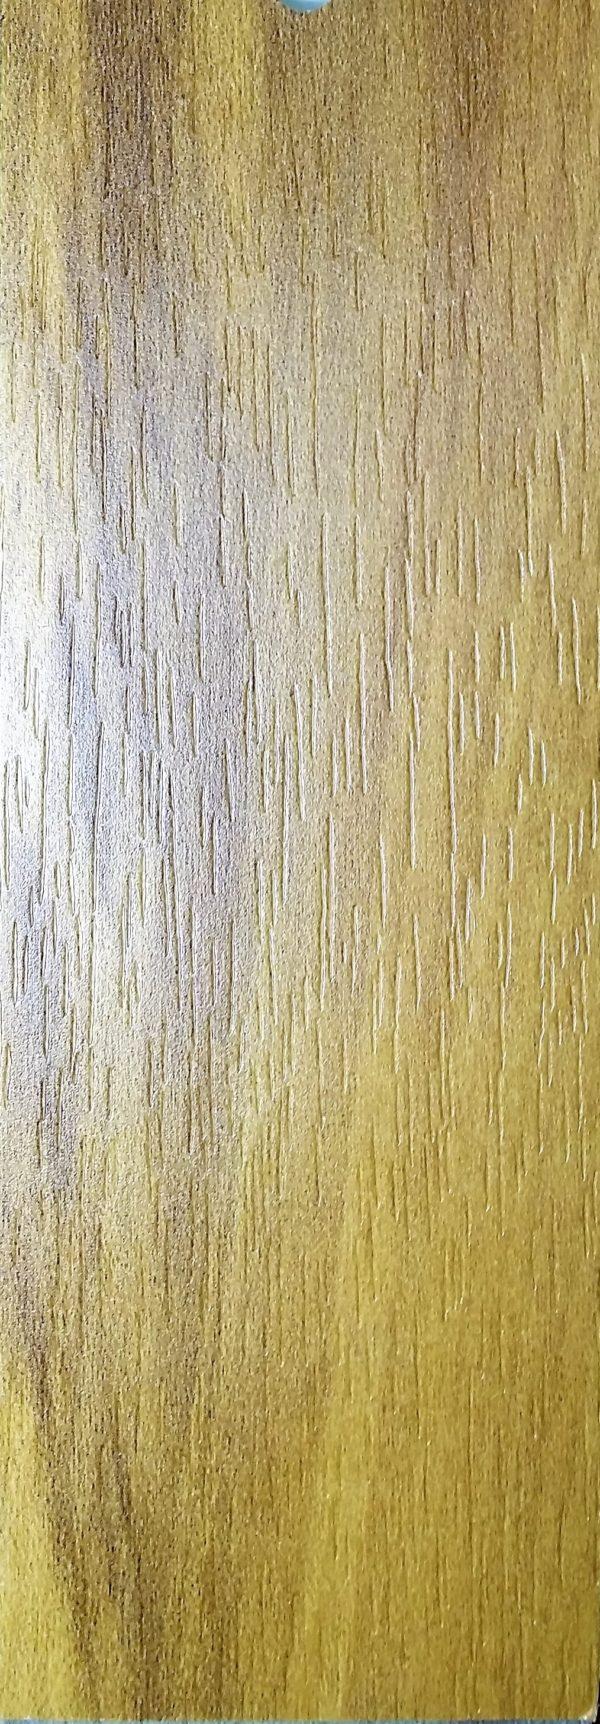 Natural Mahogany - Dark Brown